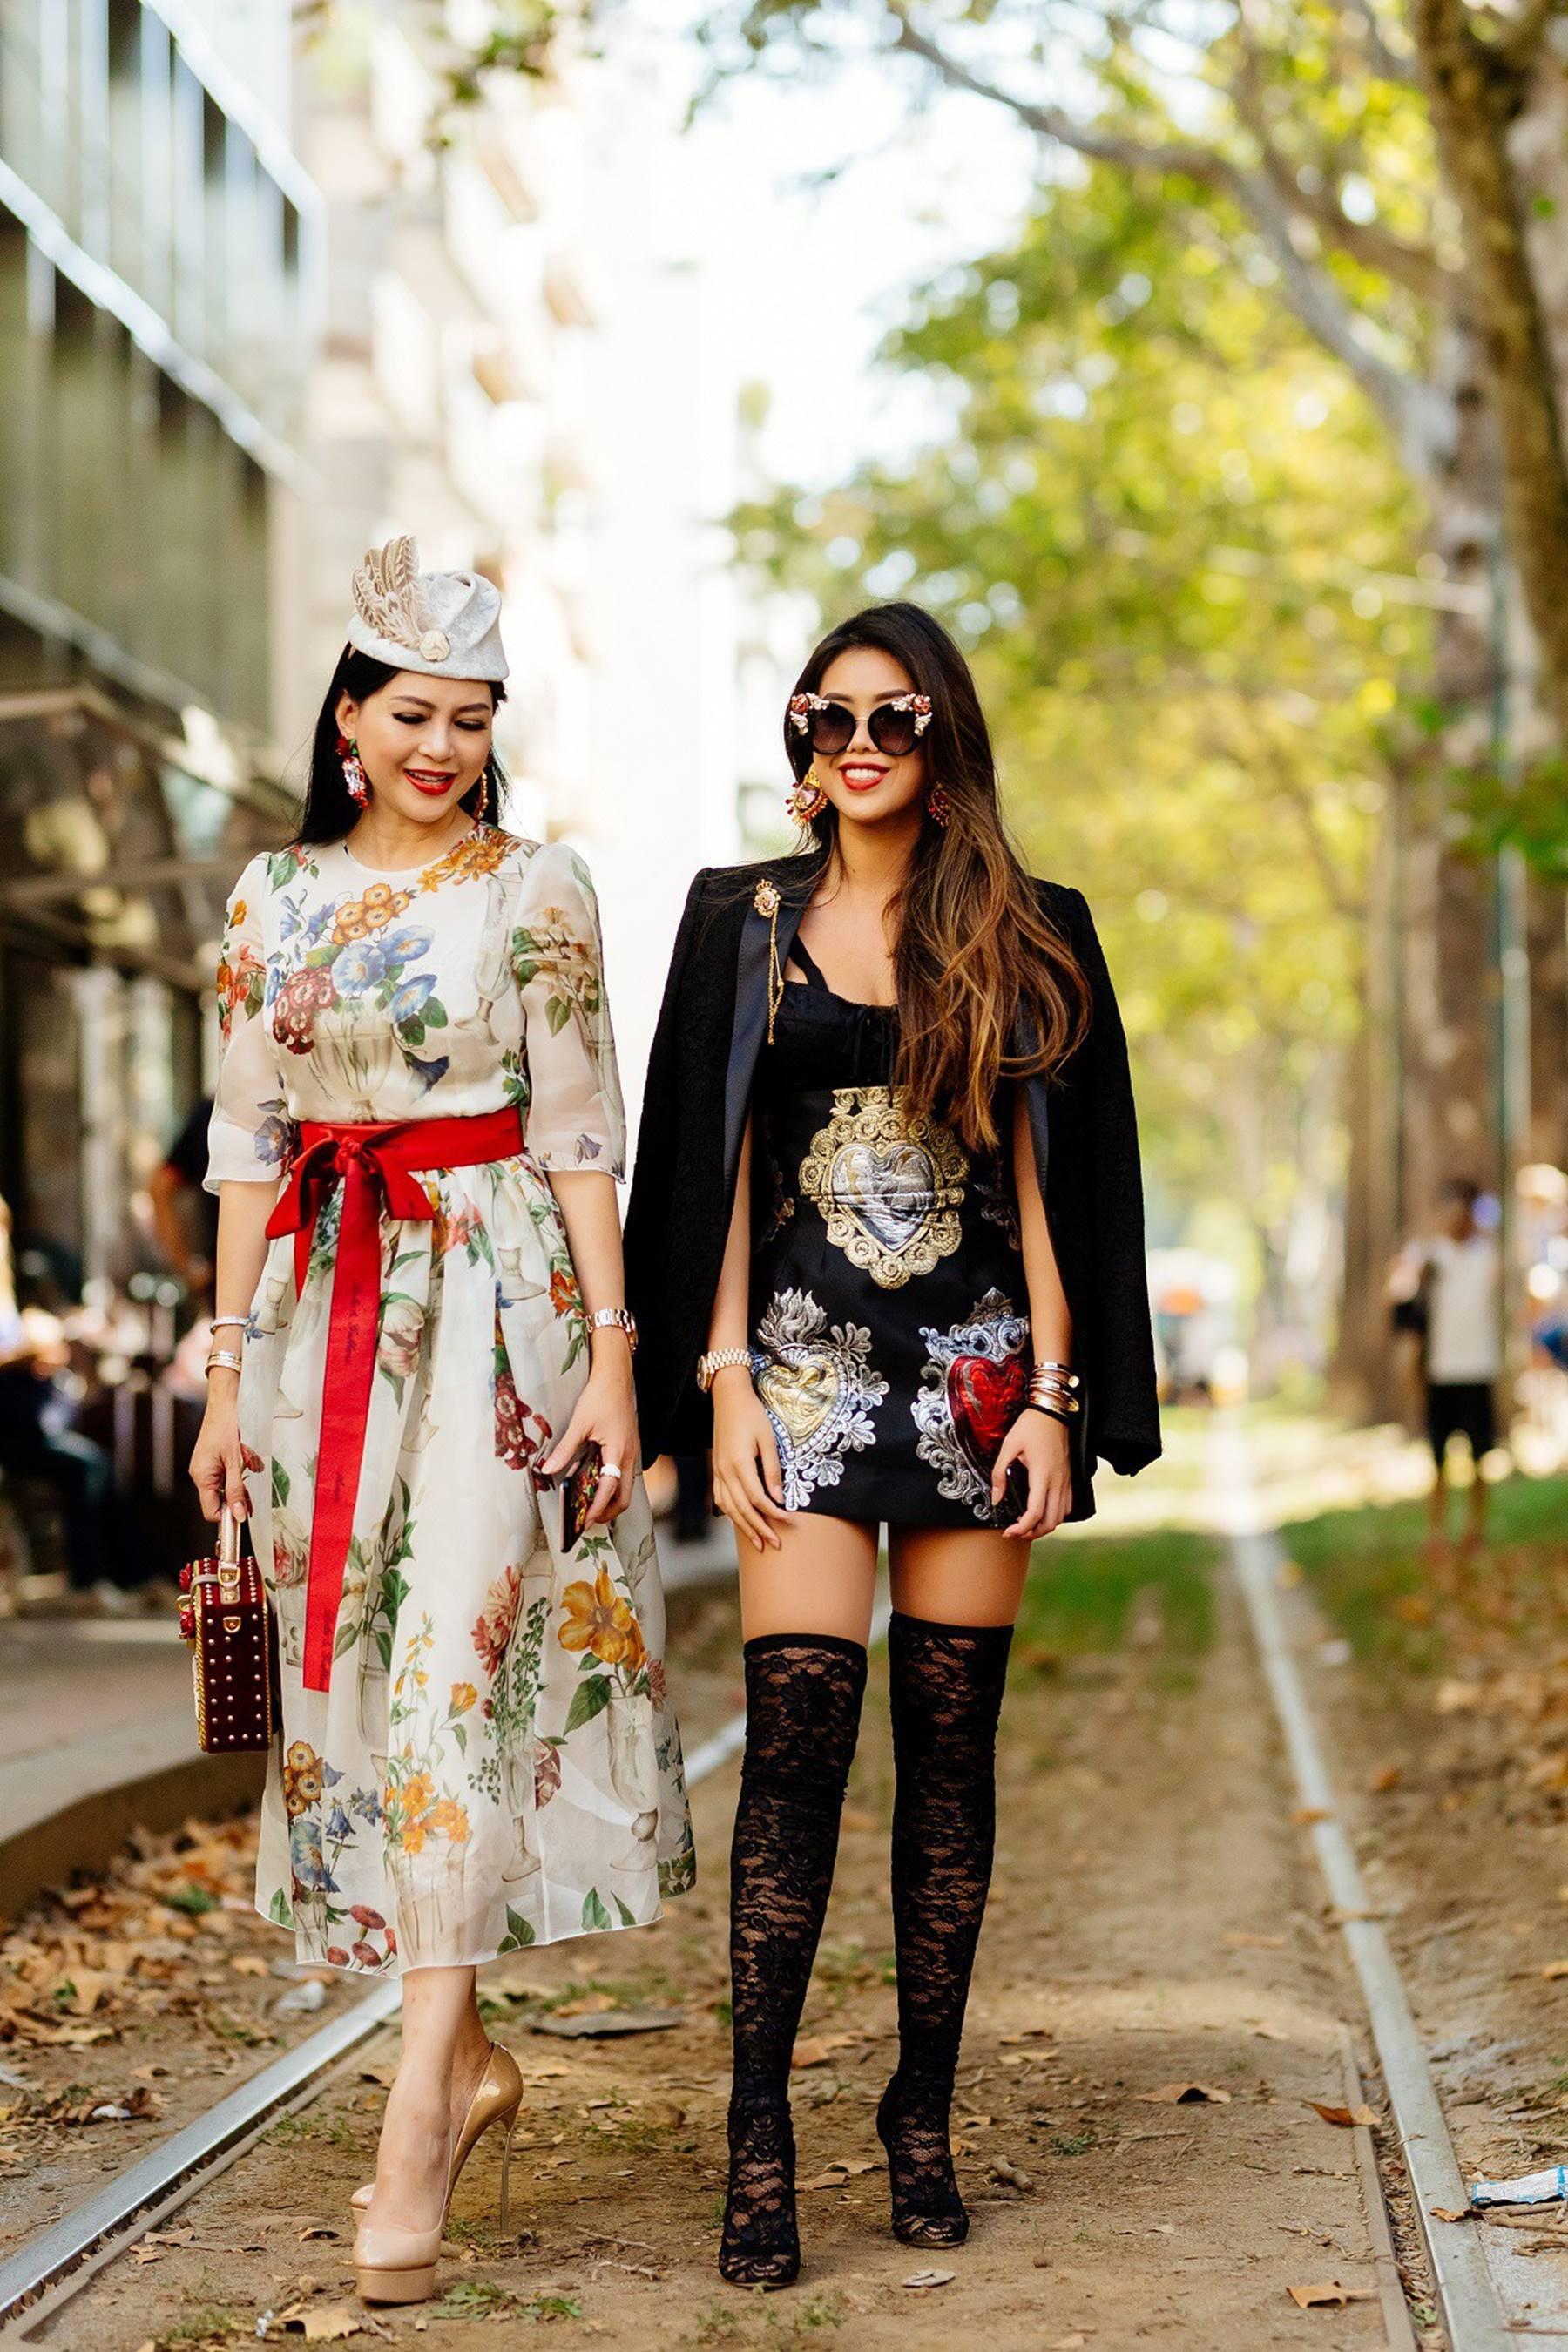 3 ái nữ cành vàng lá ngọc nhà đại gia Việt: Thay đồ hiệu như thay áo, xách túi hiệu như xách giỏ đi chợ mỗi ngày-2